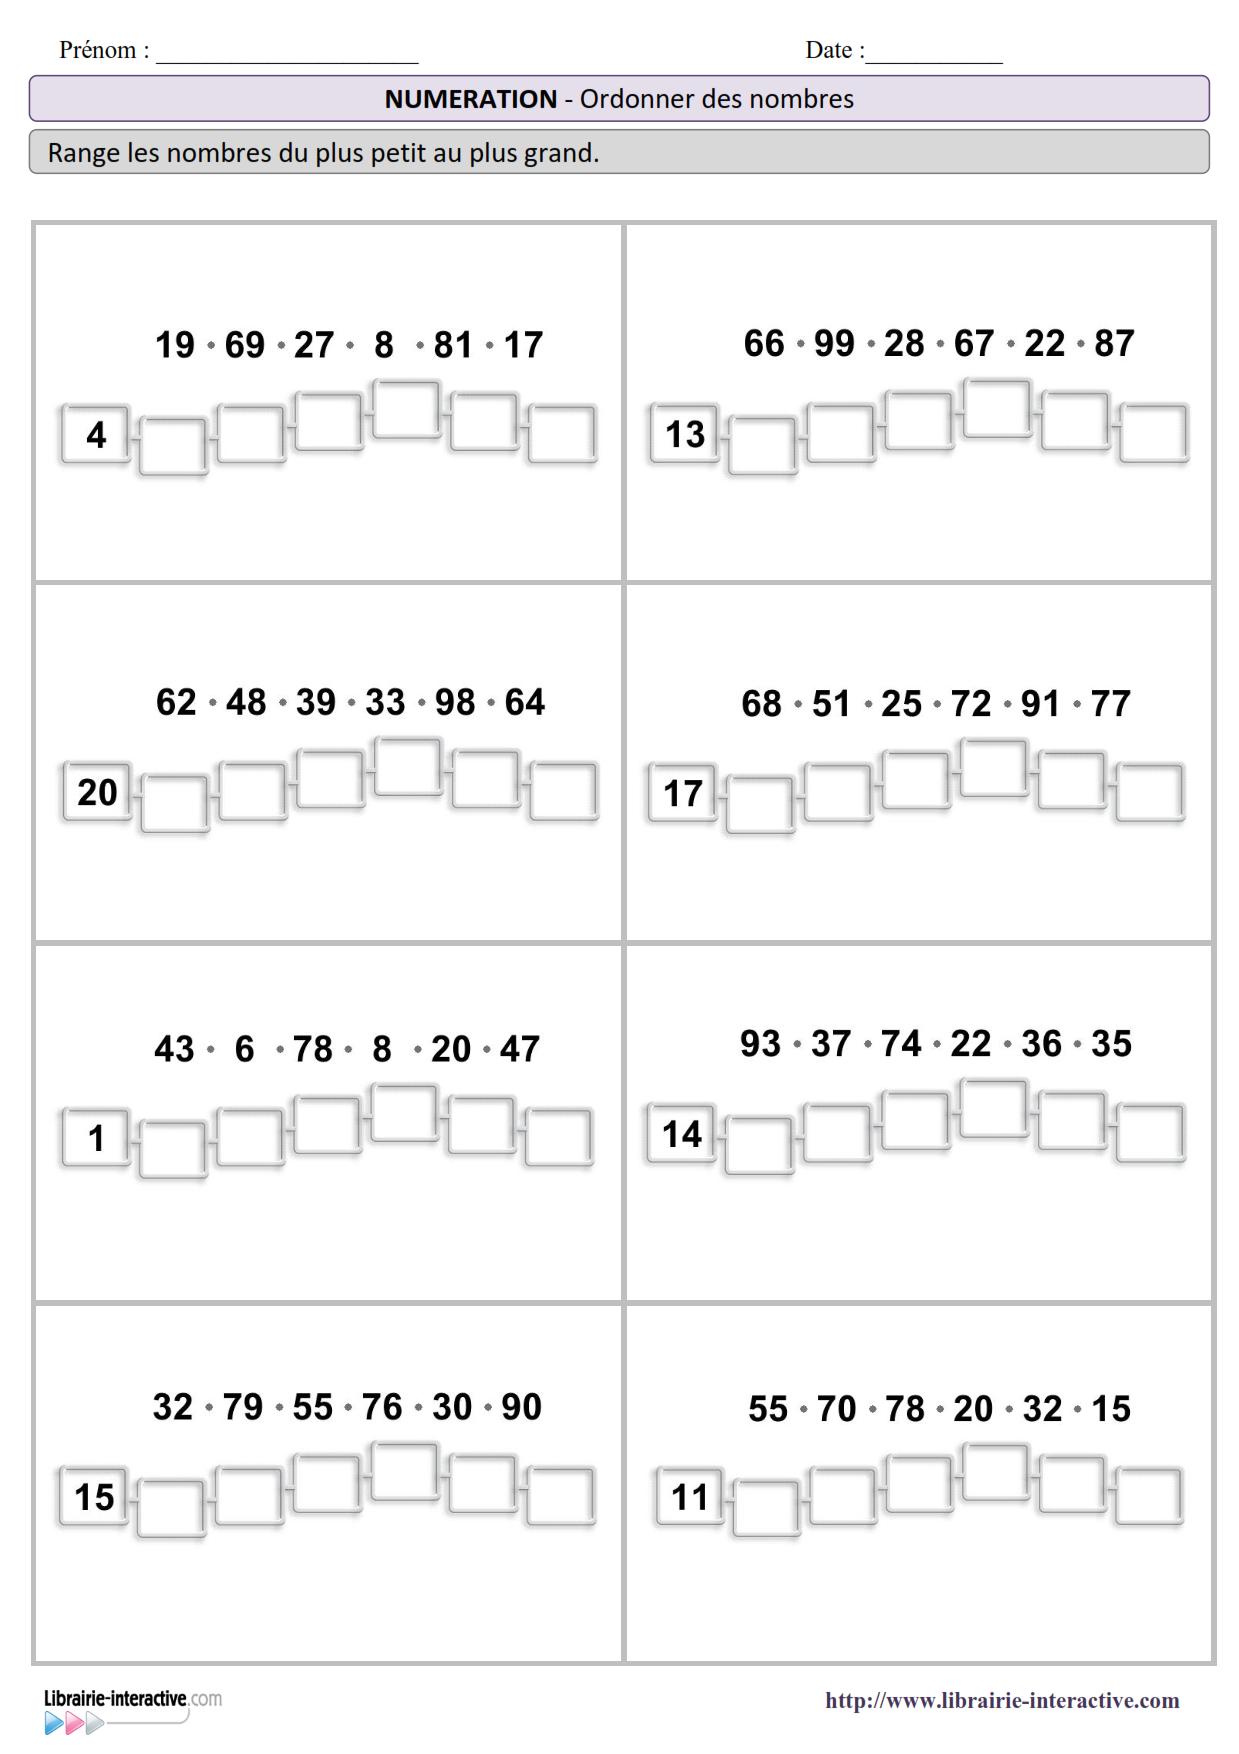 3 fiches avec des s ries de nombres ordonner pour le cp et le ce1 du plus petit au plus grand - Calcul nombre de parpaing ...